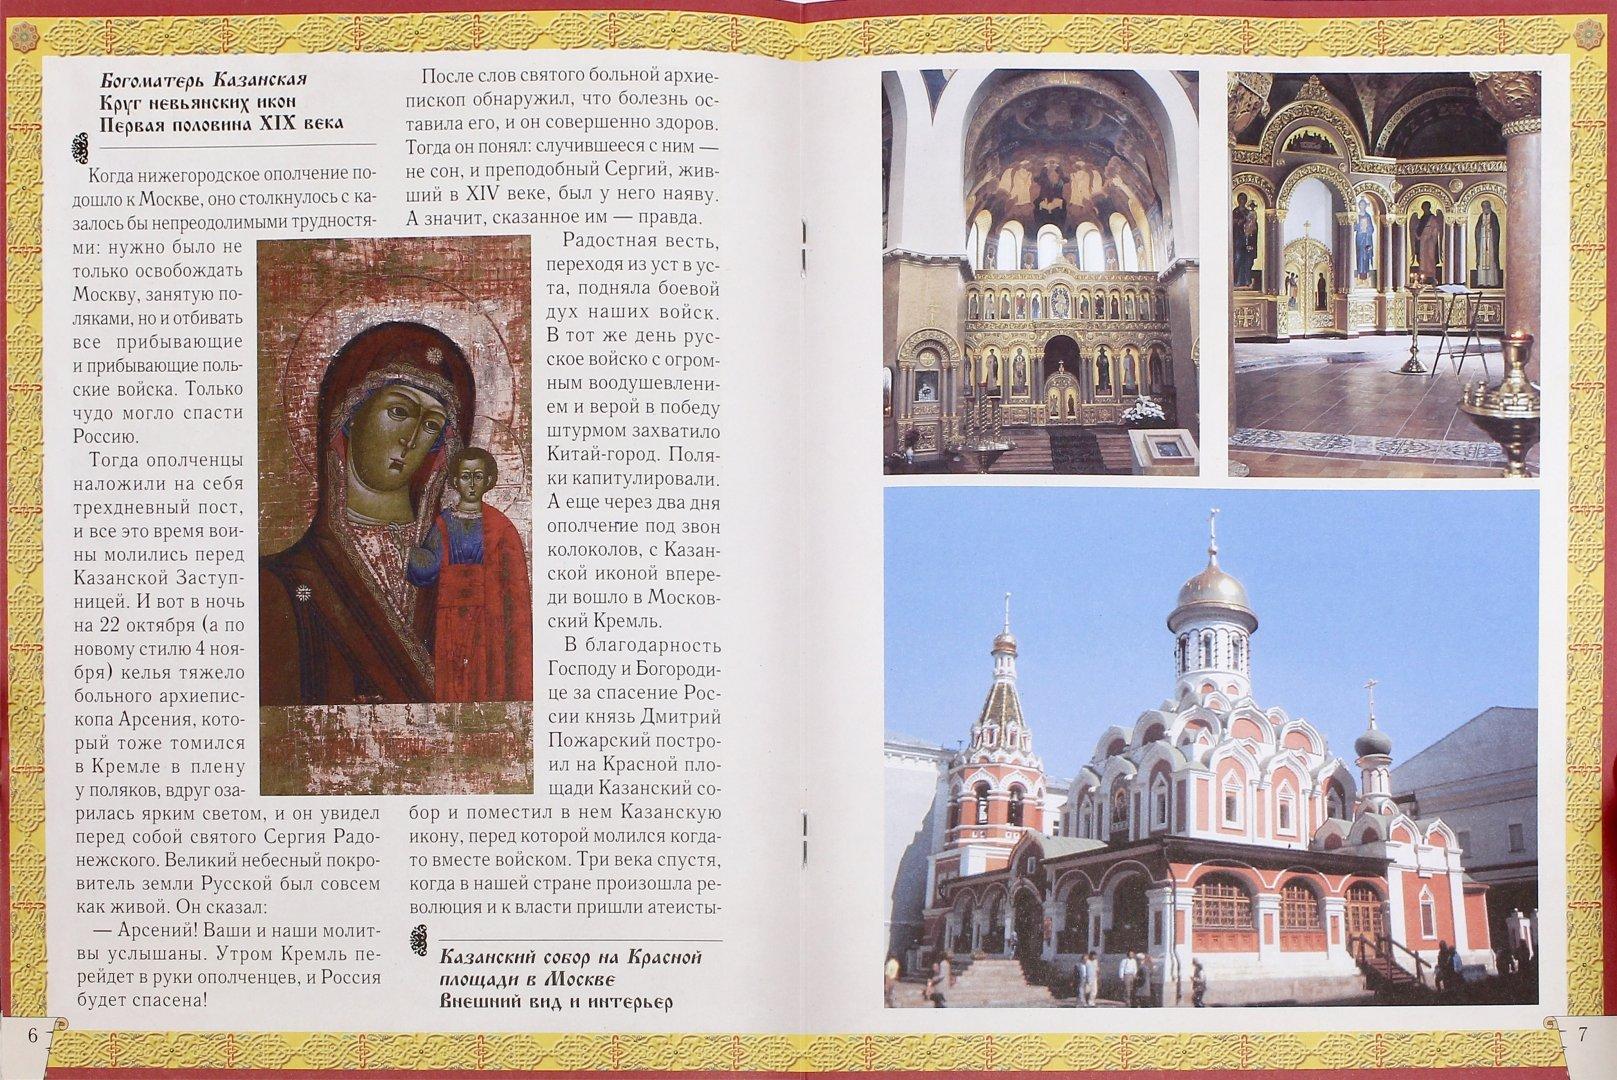 Иллюстрация 1 из 4 для Казанская икона божией матери - Наталия Скоробогатько | Лабиринт - книги. Источник: Лабиринт